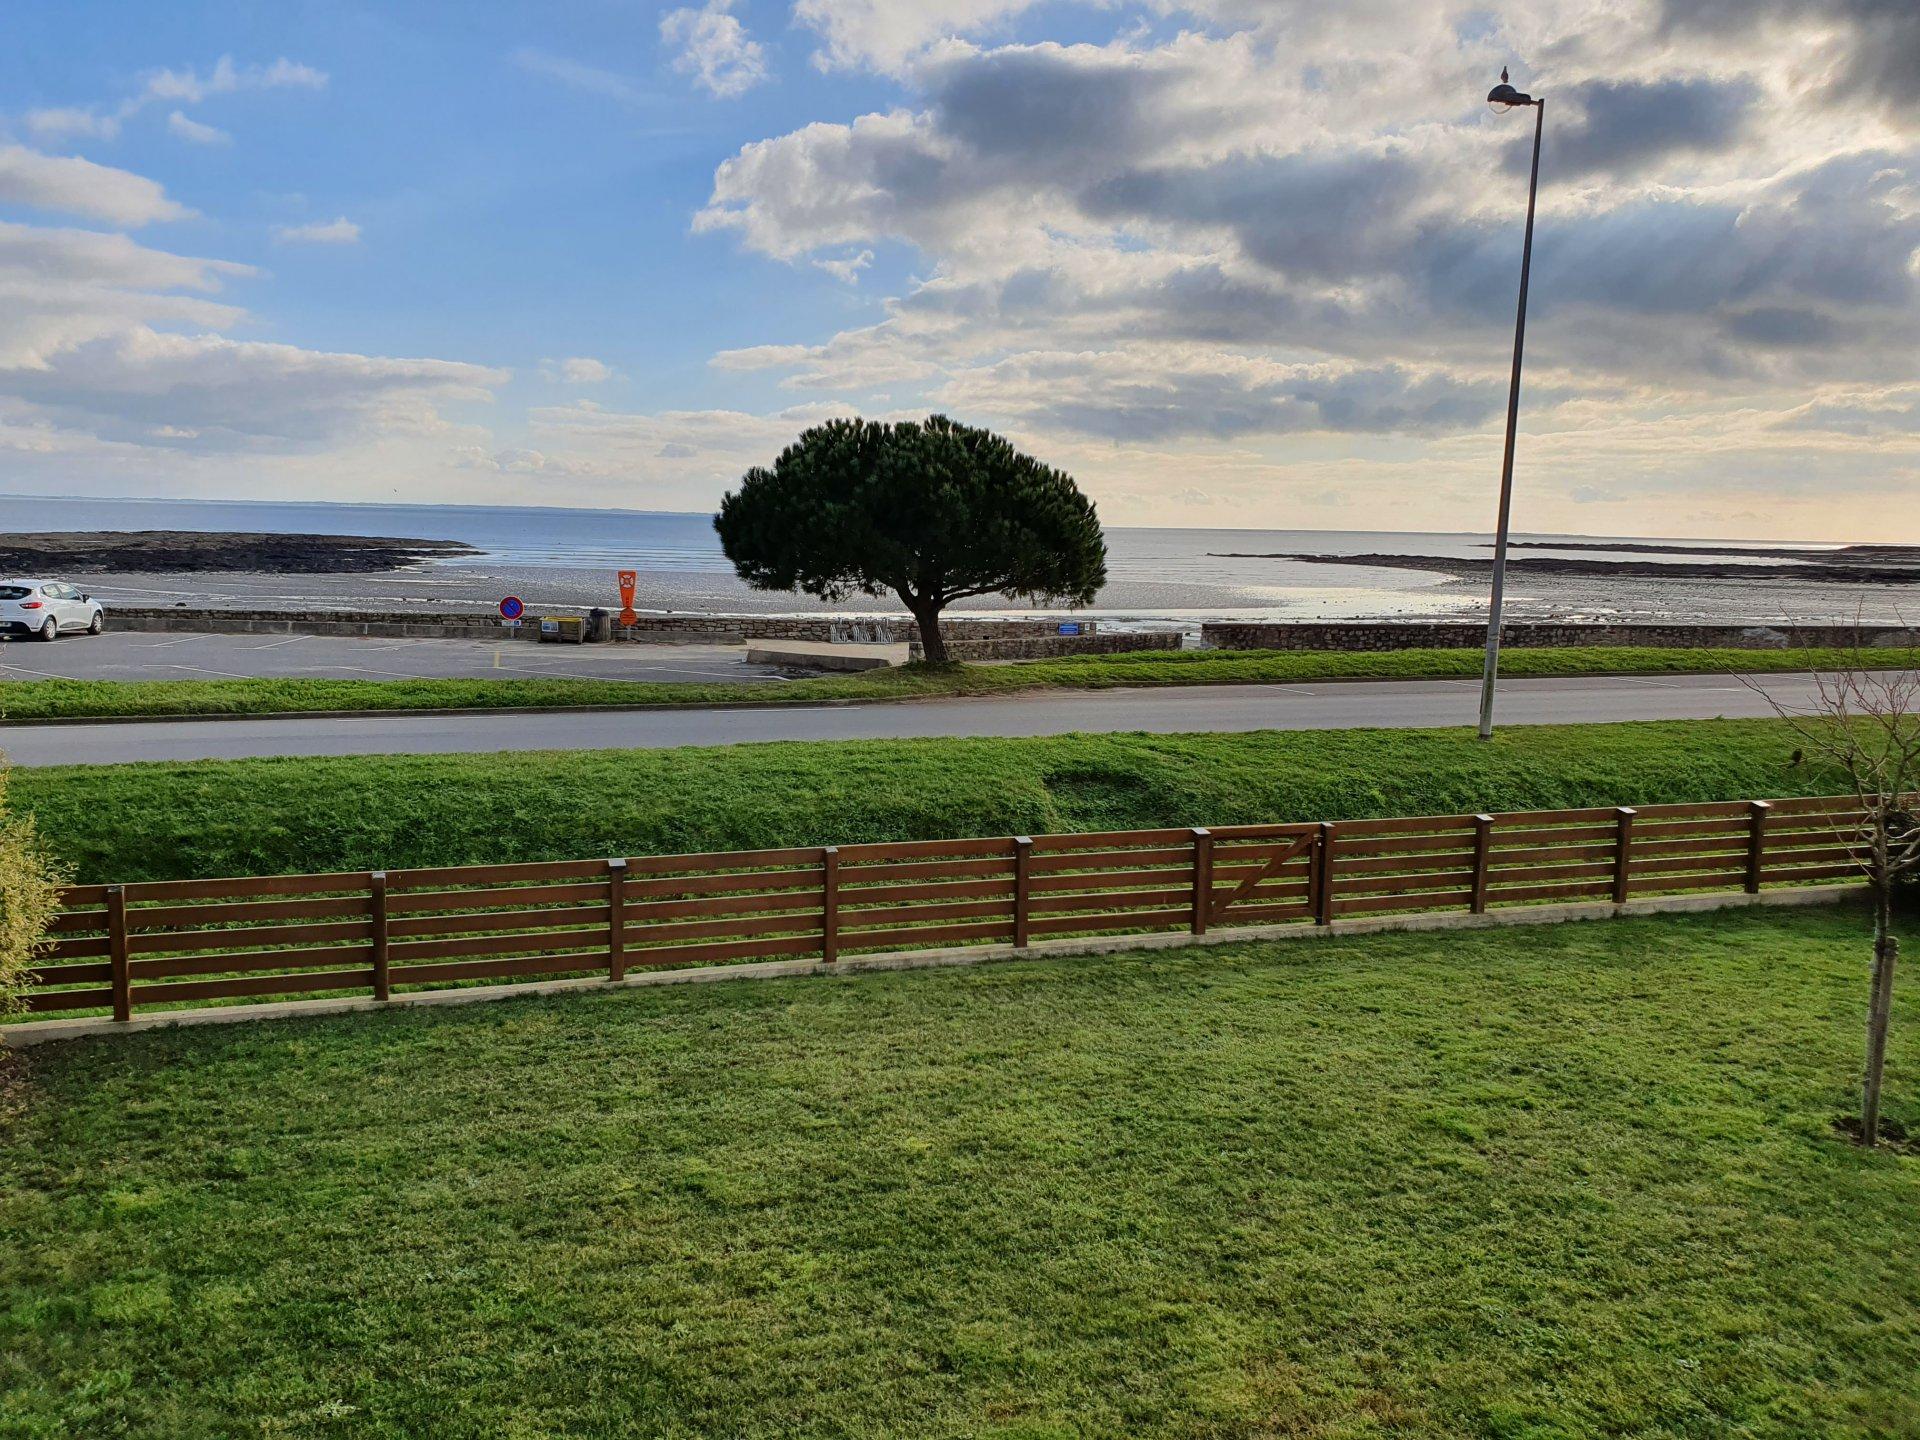 Maison à louer à Damgan Maison de vacances avec vue sur mer